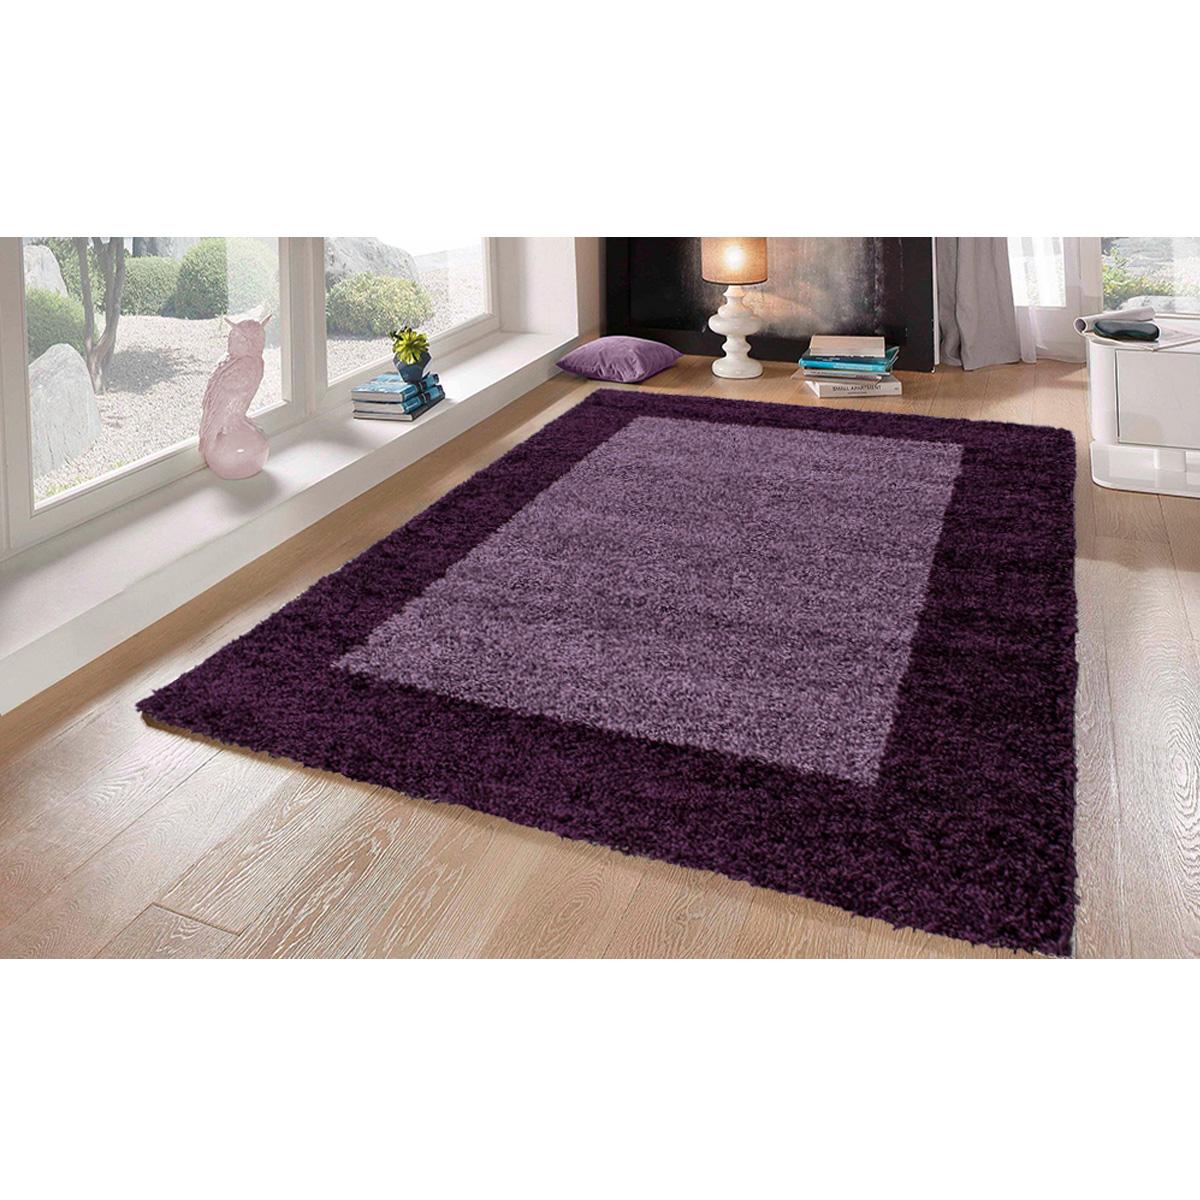 Tapis déco en 2 tons - Violet - 160 x 230 cm